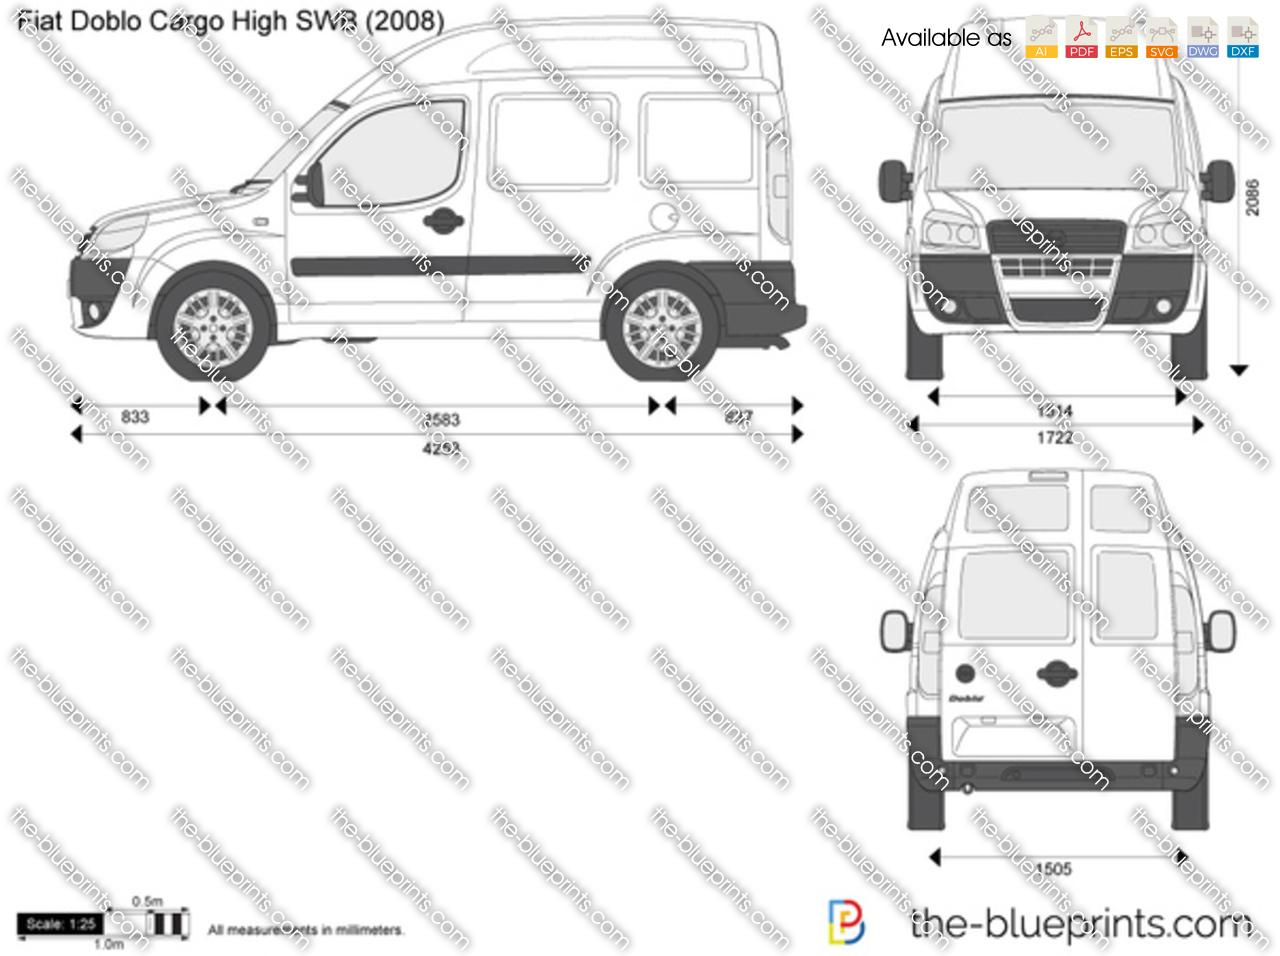 Fiat Doblo Cargo High SWB